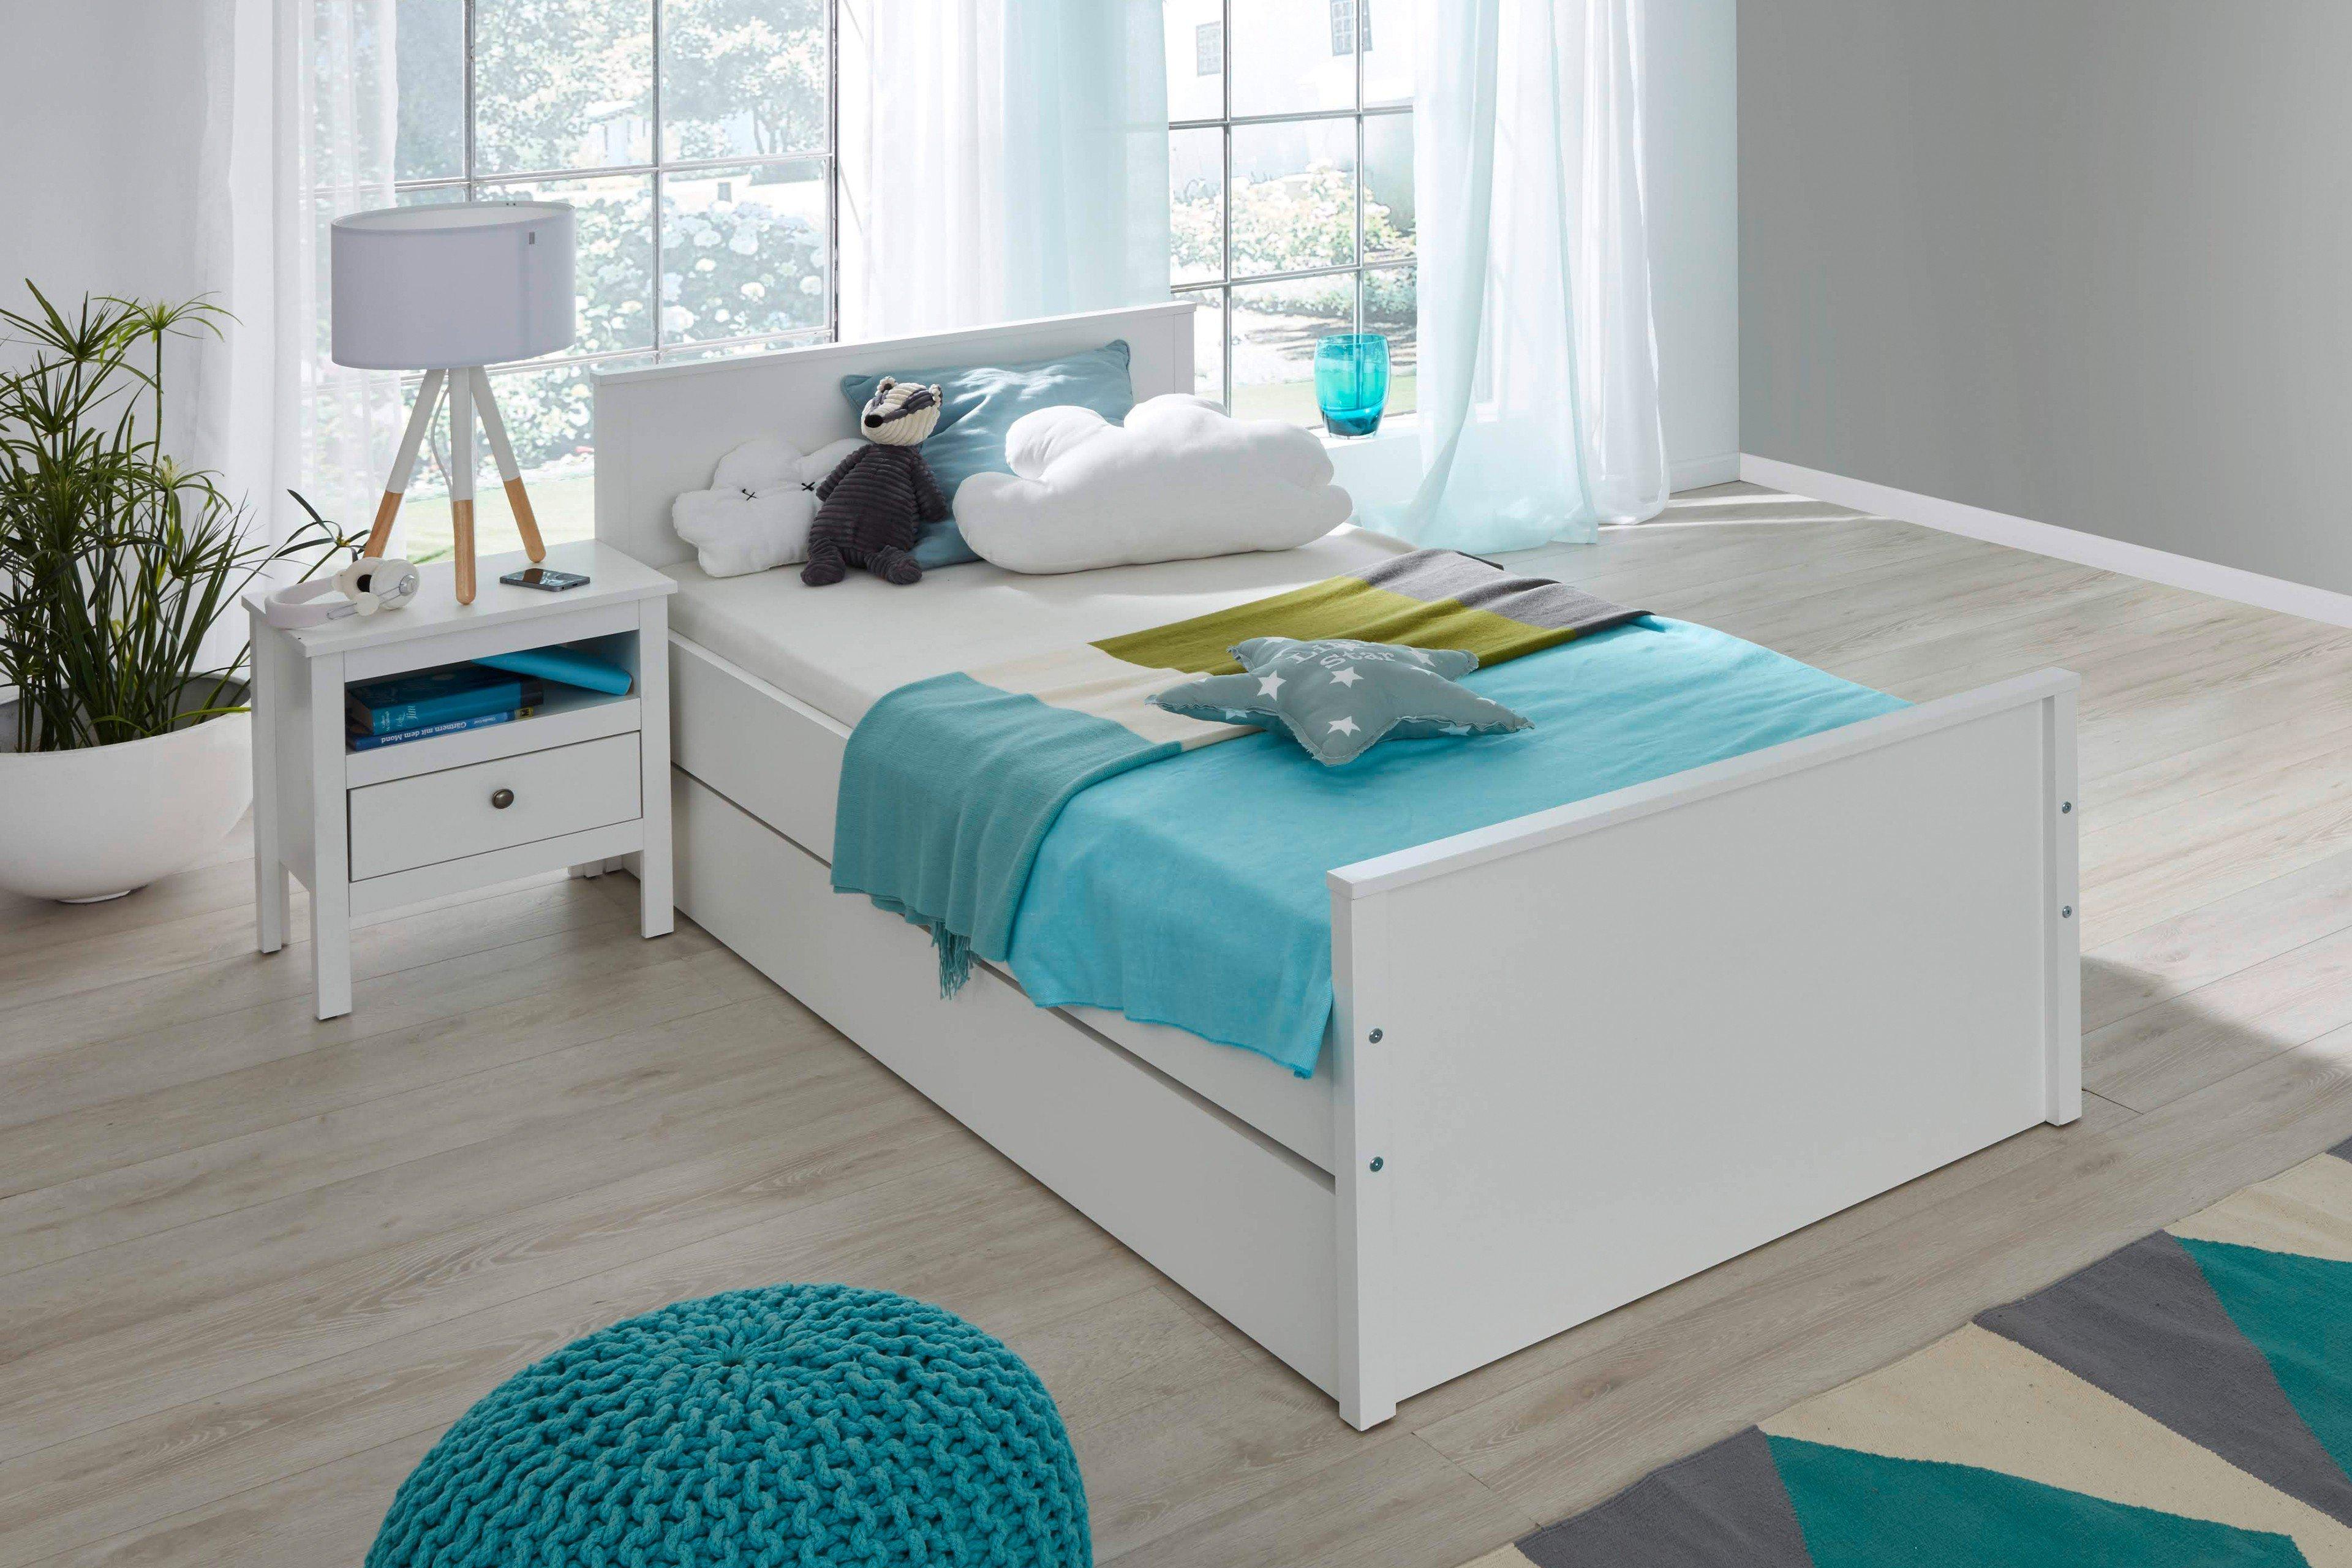 trendteam jugendbett mit g stebett ole m bel letz ihr online shop. Black Bedroom Furniture Sets. Home Design Ideas